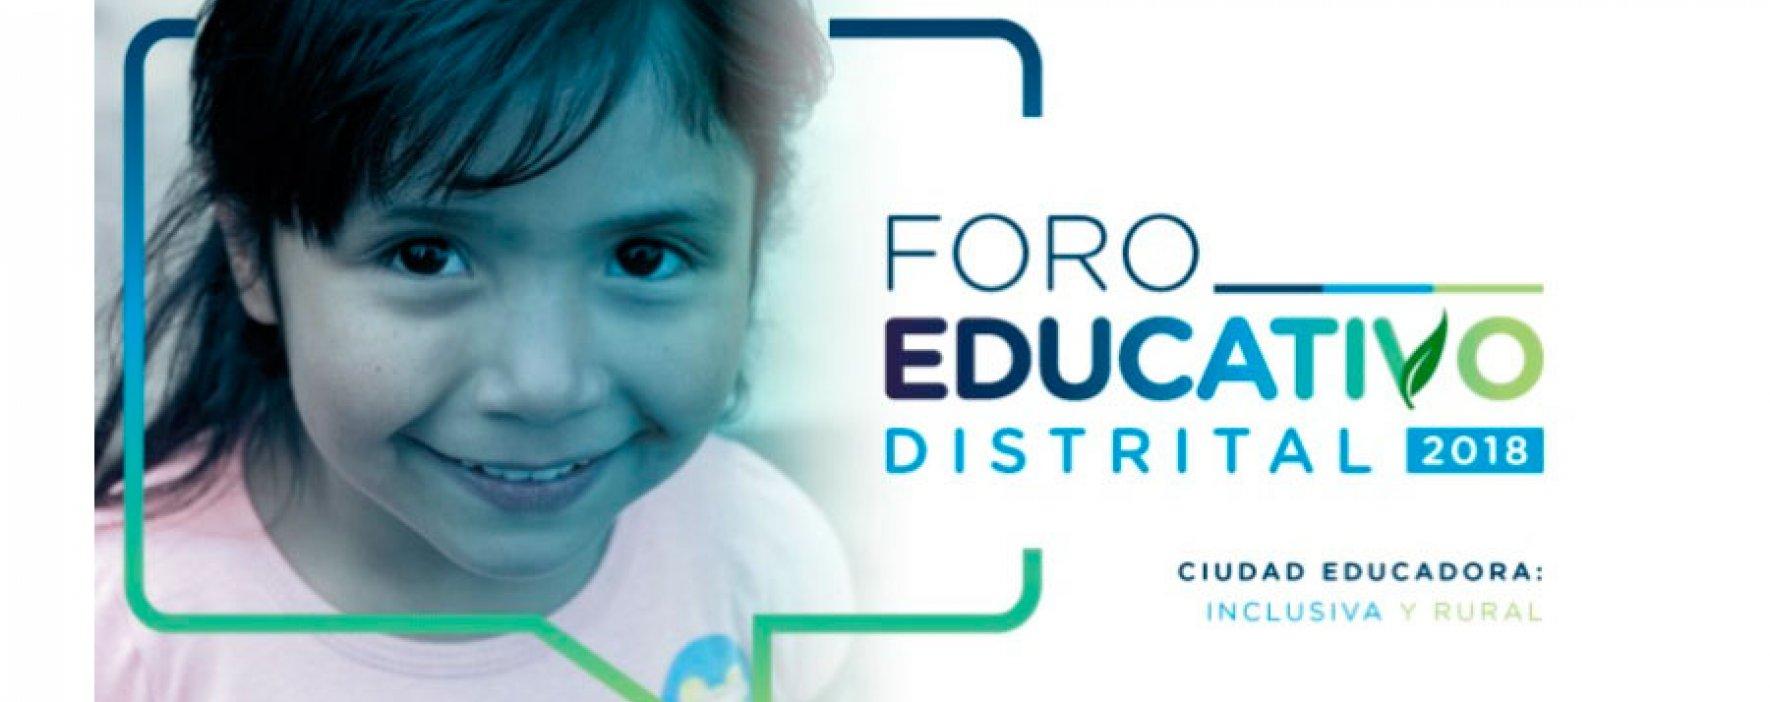 Expertos nacionales e internacionales acompañarán el Foro Educativo Distrital 2018